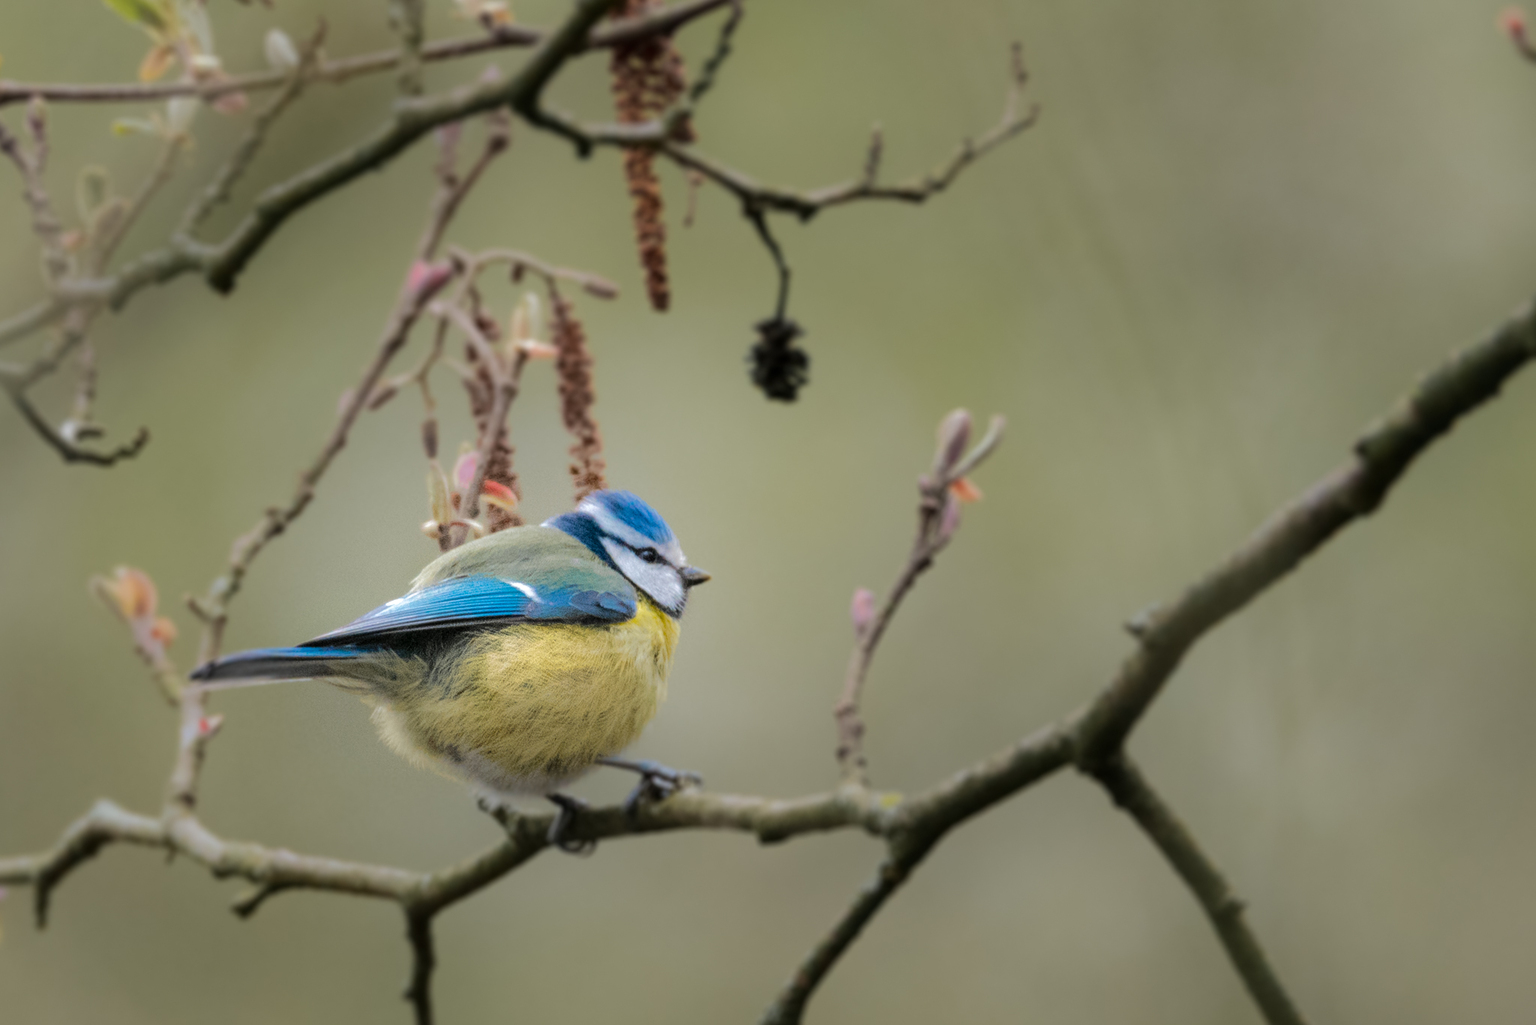 Pimpelmezen. - Diversen foto's van deze leuke tuinvogeltjes. - foto door Kompieter op 17-04-2021 - deze foto bevat: vogel, bek, takje, afdeling, blauwe gaai, veer, vleugel, zangvogel, staart, boom